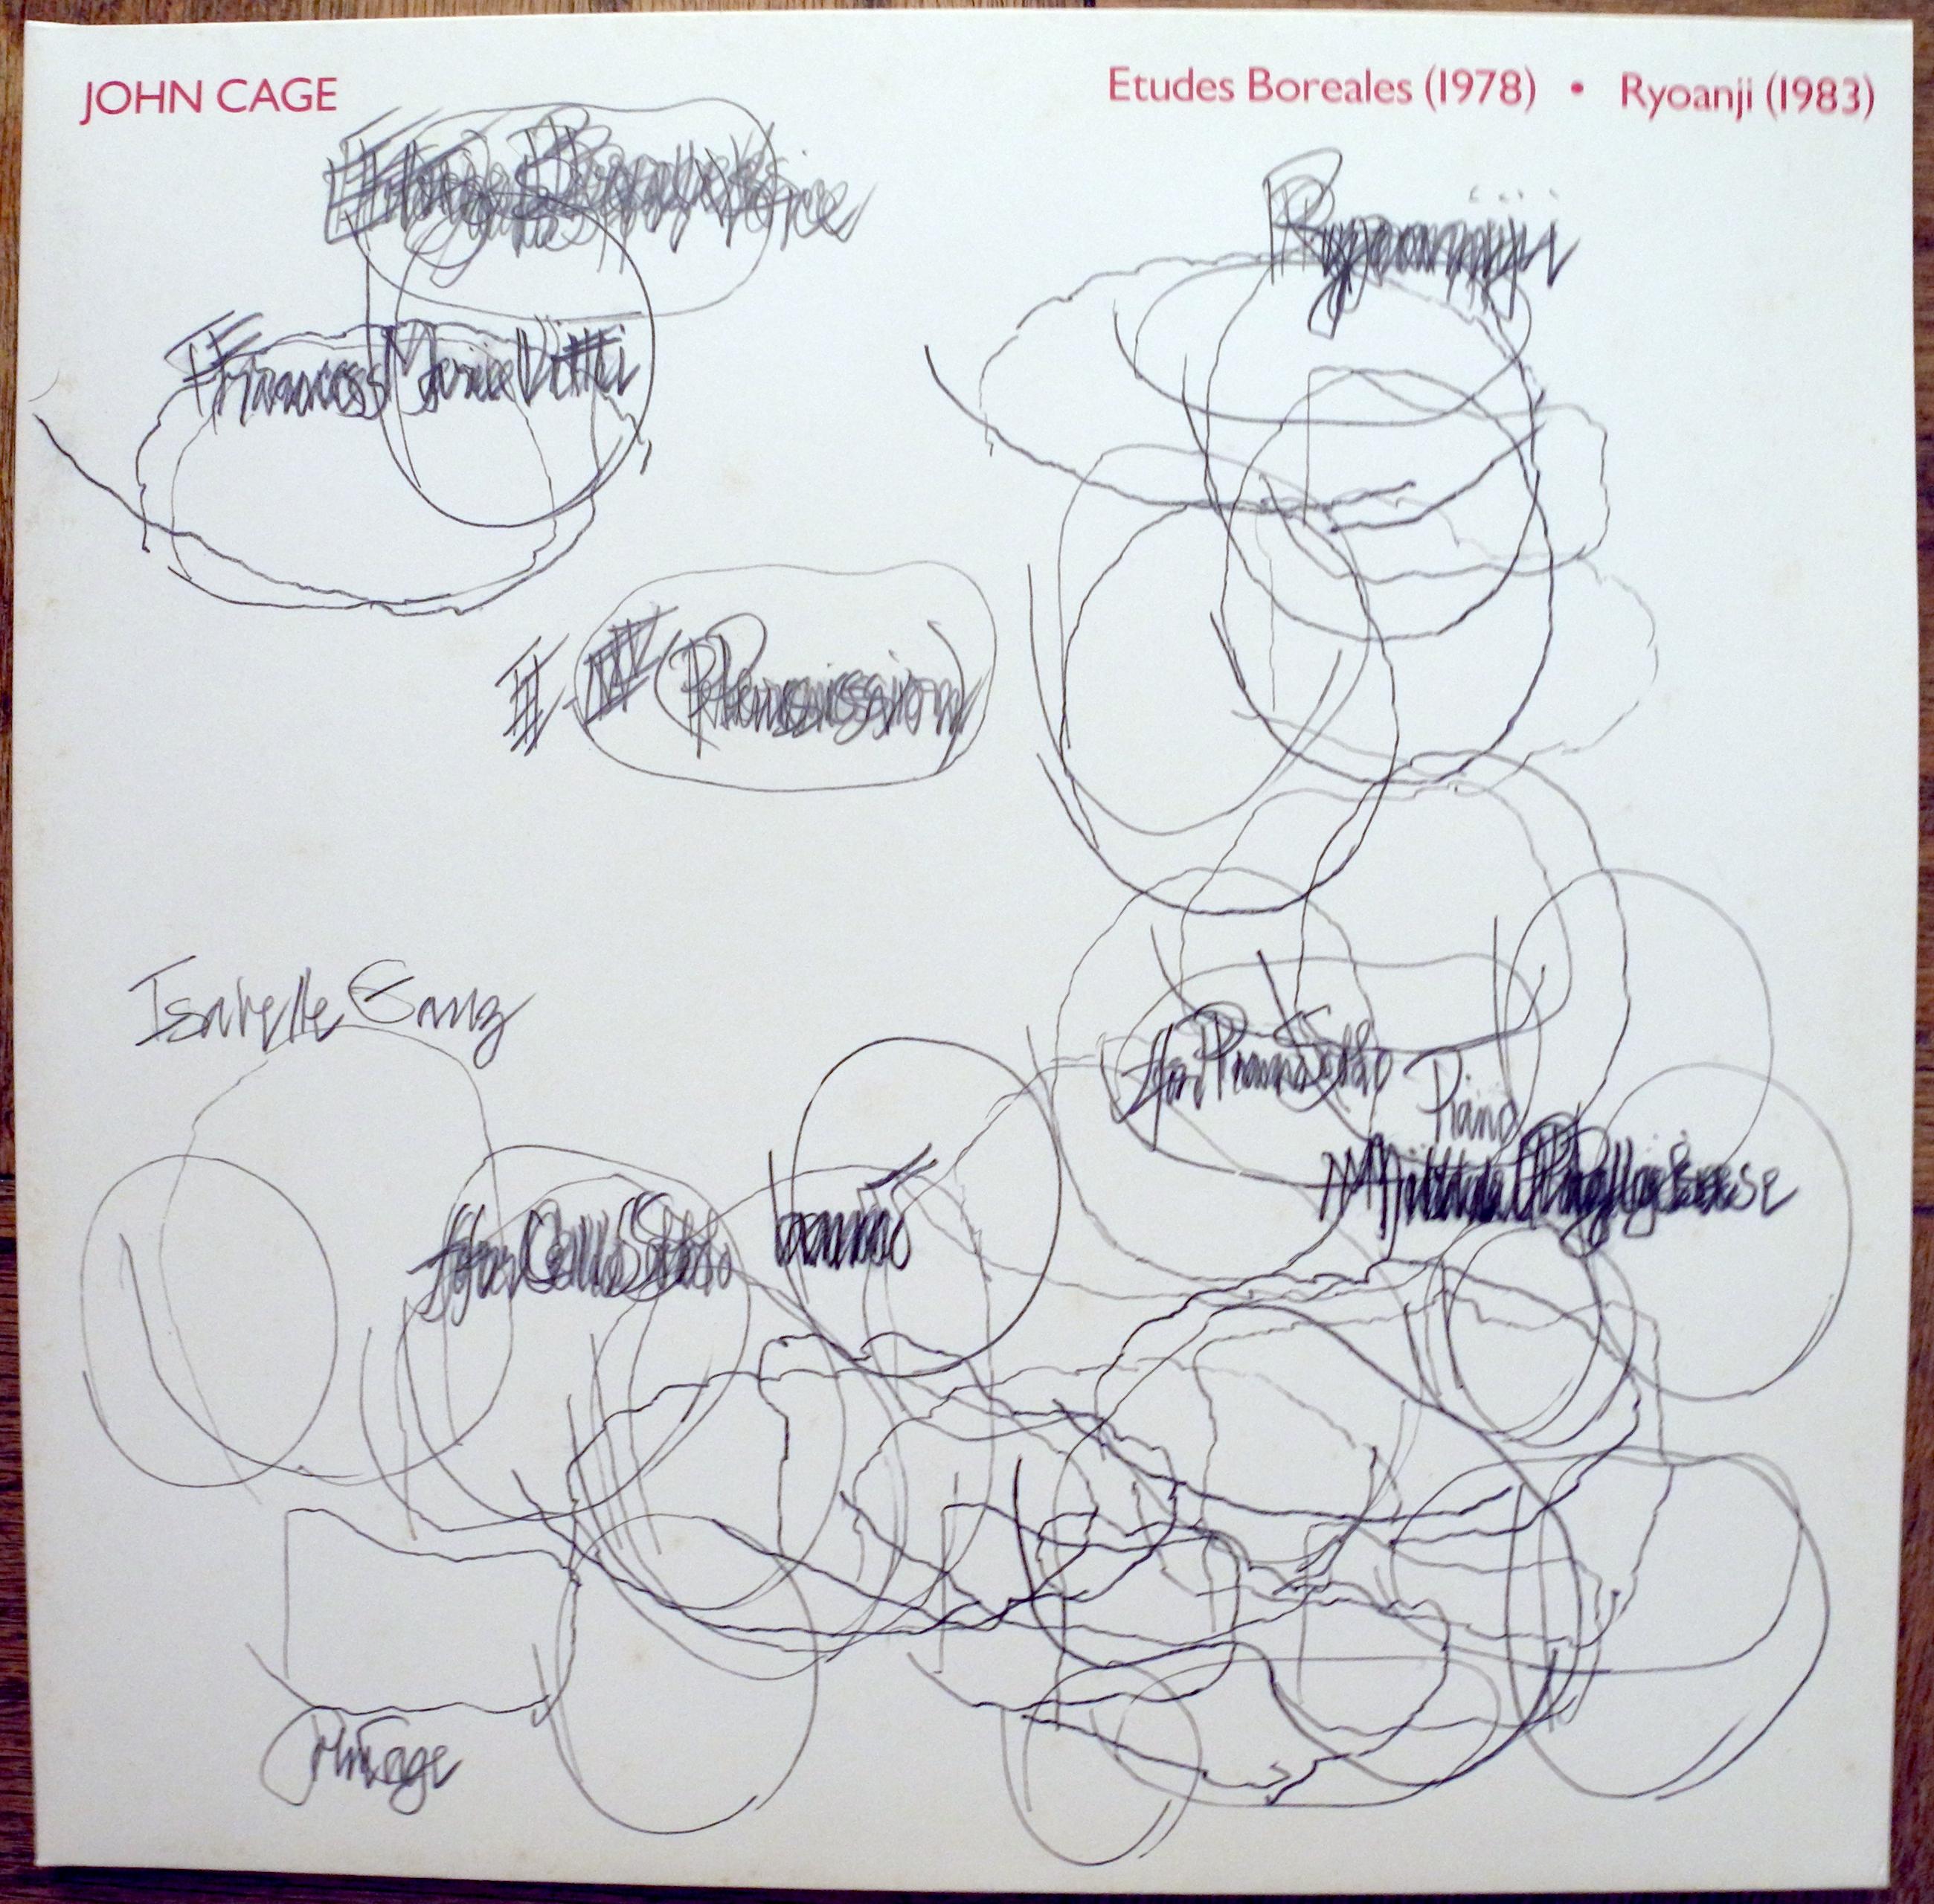 ›John, ich wäre dann soweit.‹ Das erste Release von Mode Records mit einem von John Cage gezeichneten Cover, erschienen als Vinyl (1984).